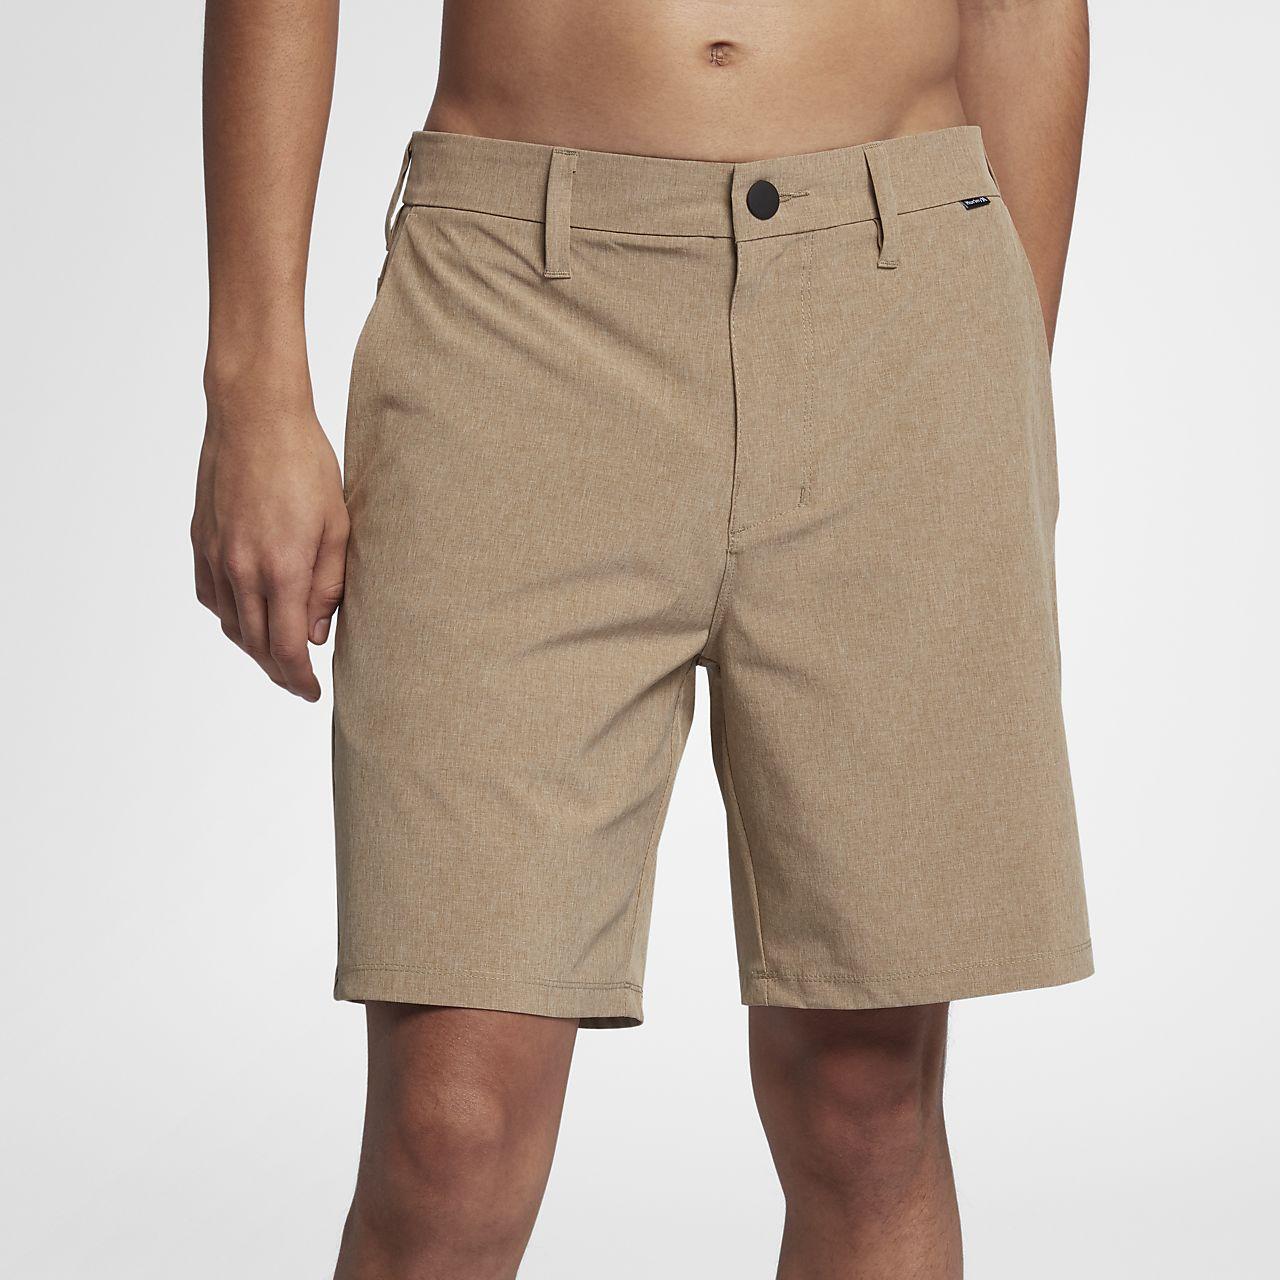 Hurley Phantom Pantalón corto de 46 cm - Hombre